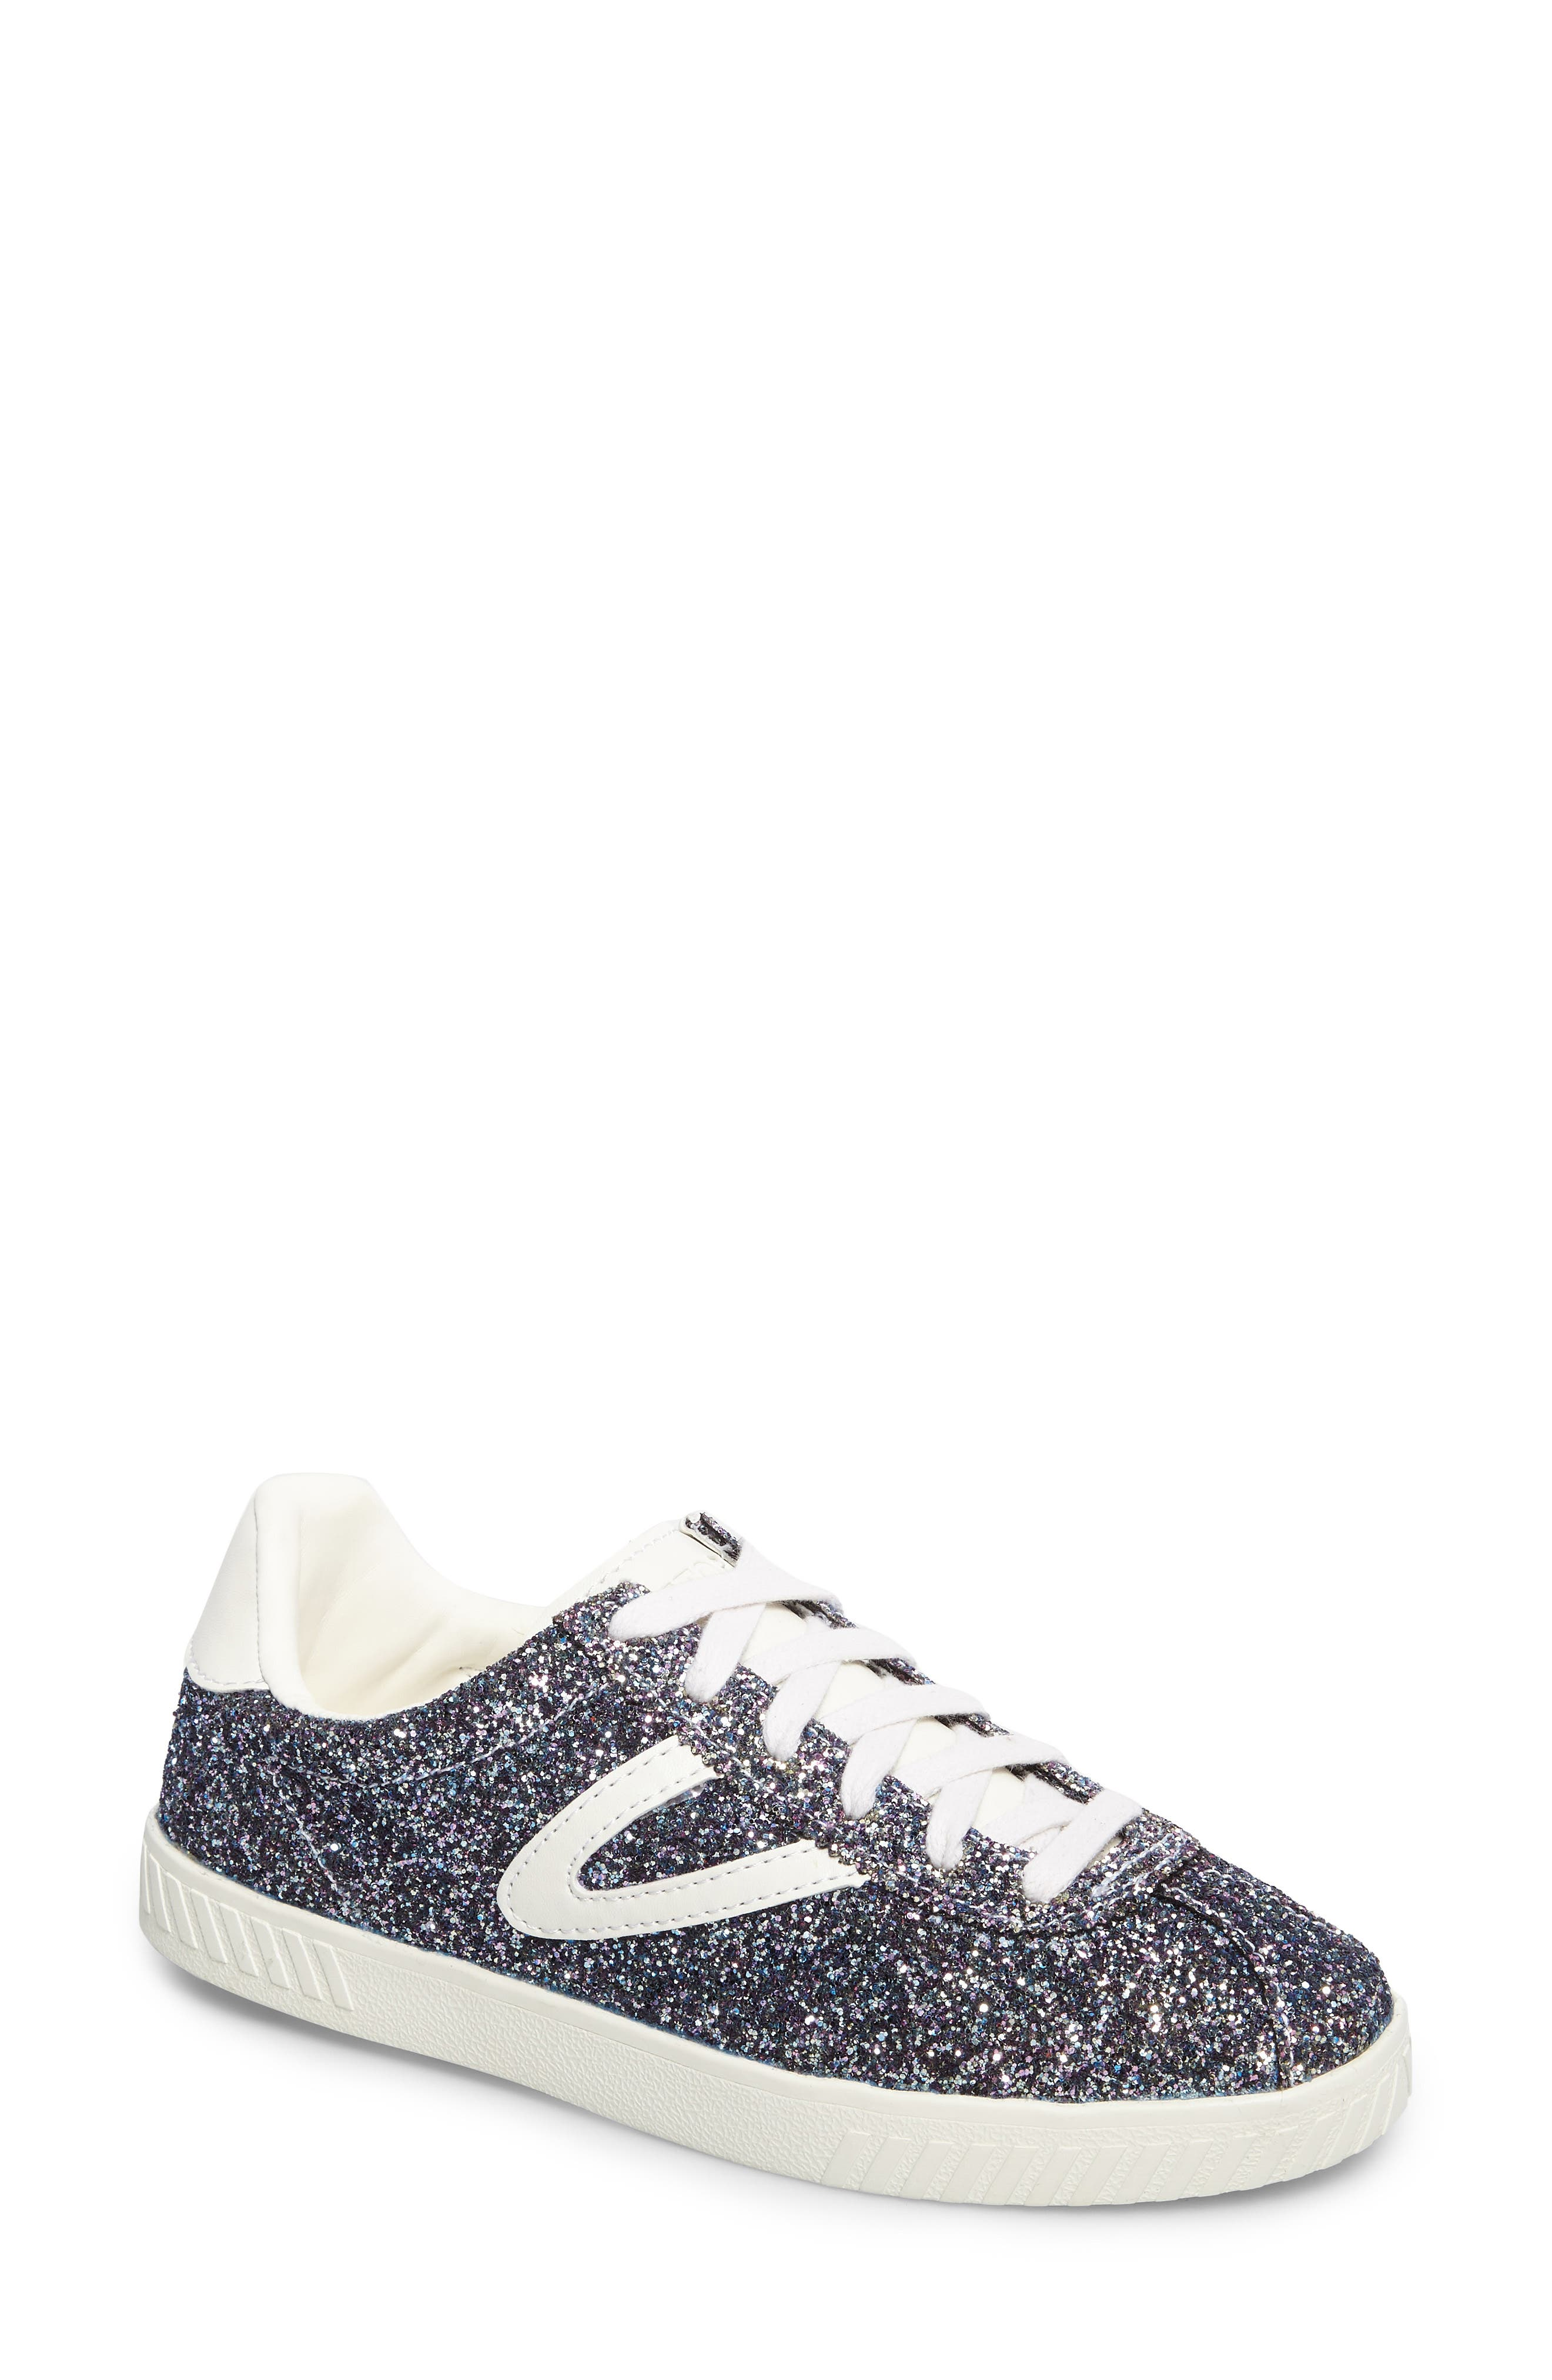 Camden 5 Sneaker,                             Main thumbnail 1, color,                             Blue Multi/ White